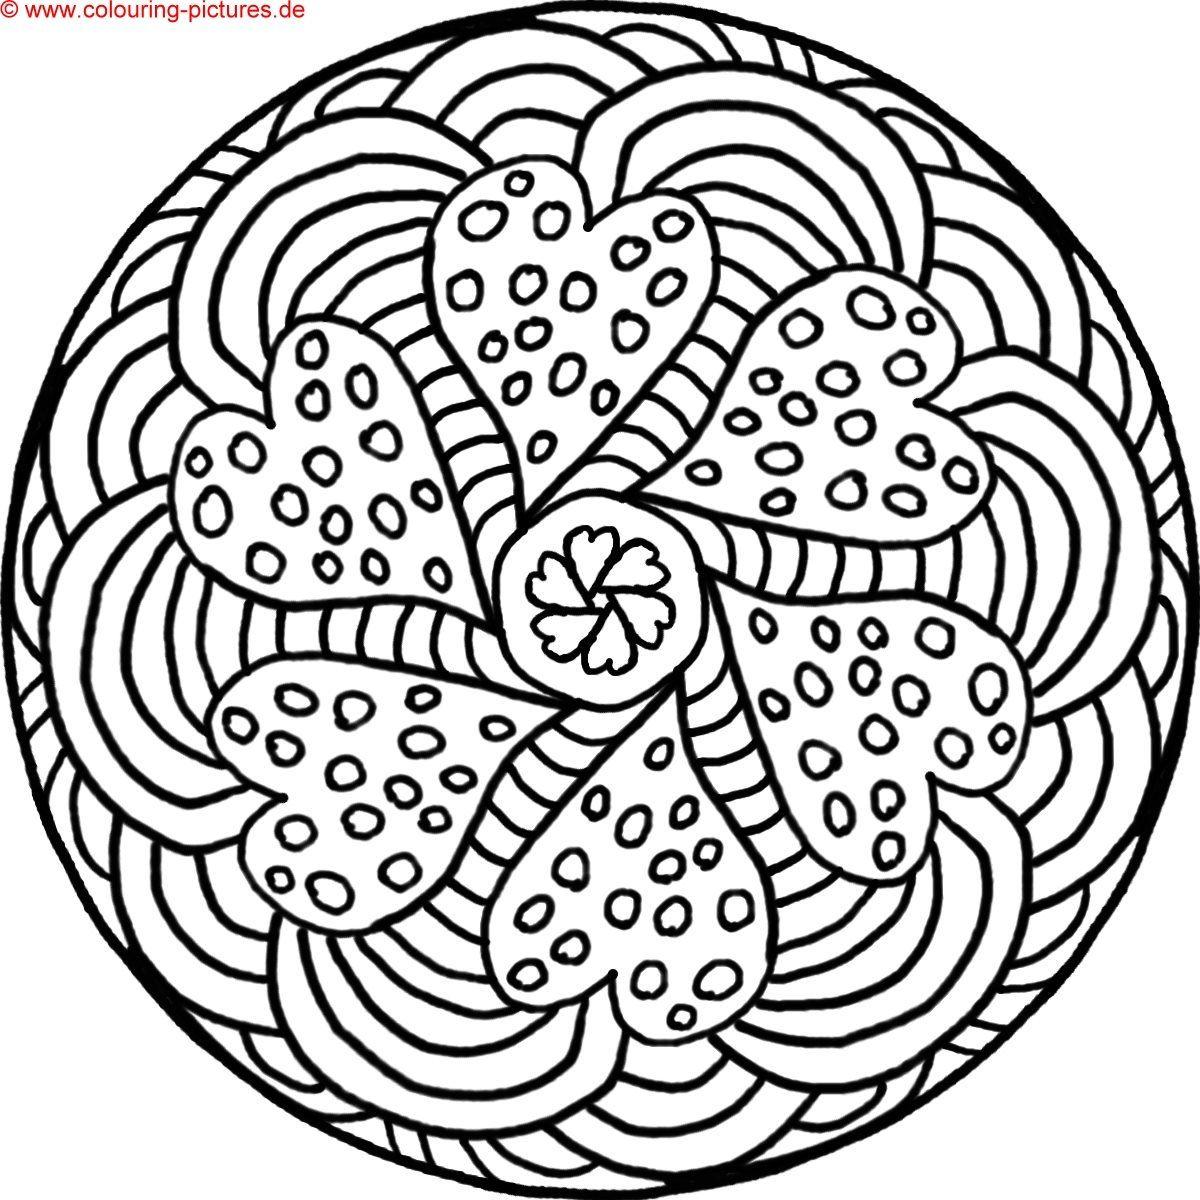 mandalas zum ausdrucken | mandala & zentangle art | Pinterest ...